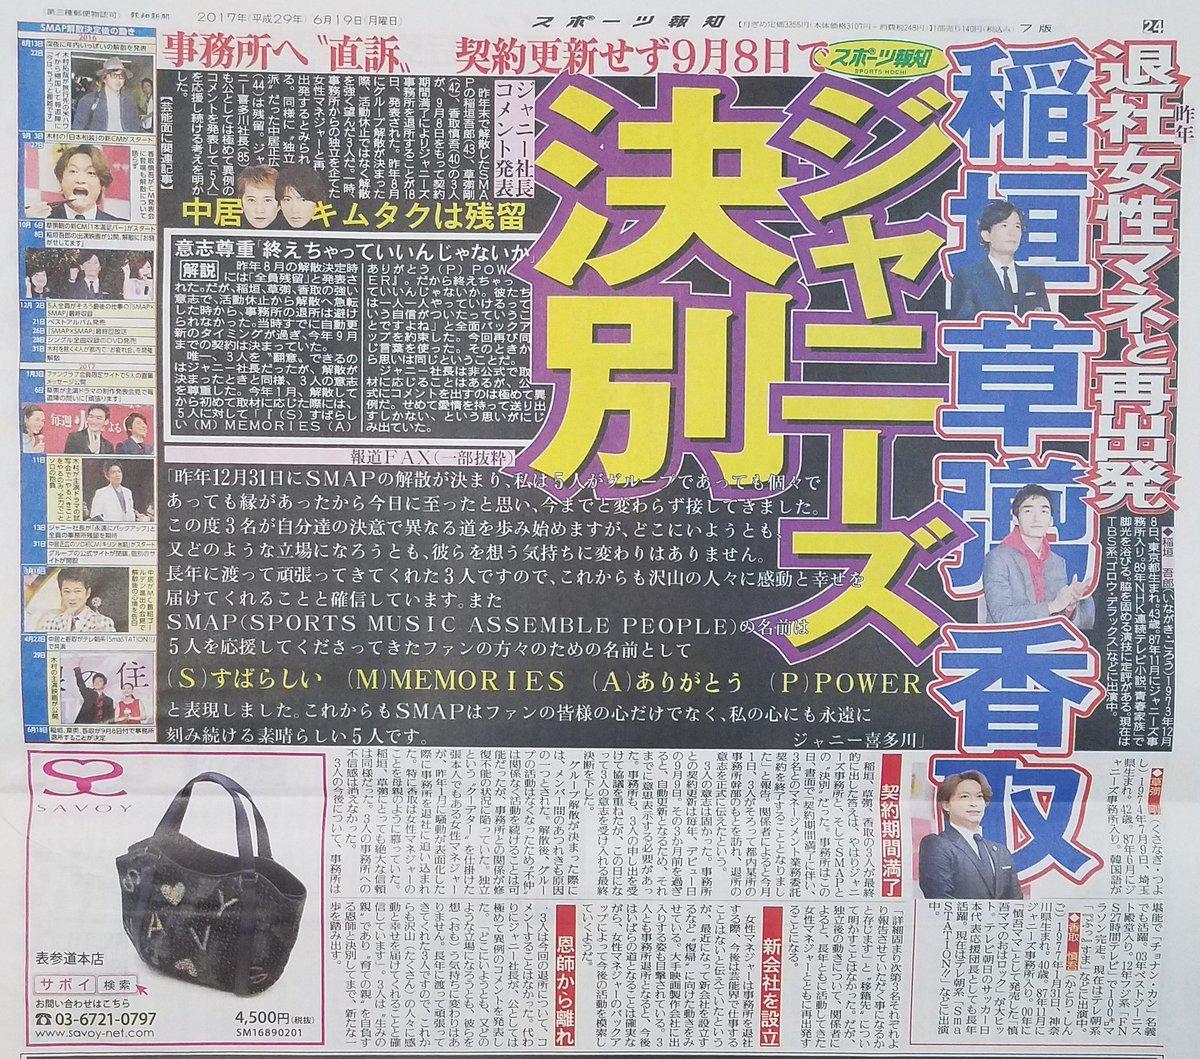 稲垣吾郎、草�g剛、香取慎吾のジャニーズ退所が確定!再集結を信じるファン「3人の新しい道を全力で応援」